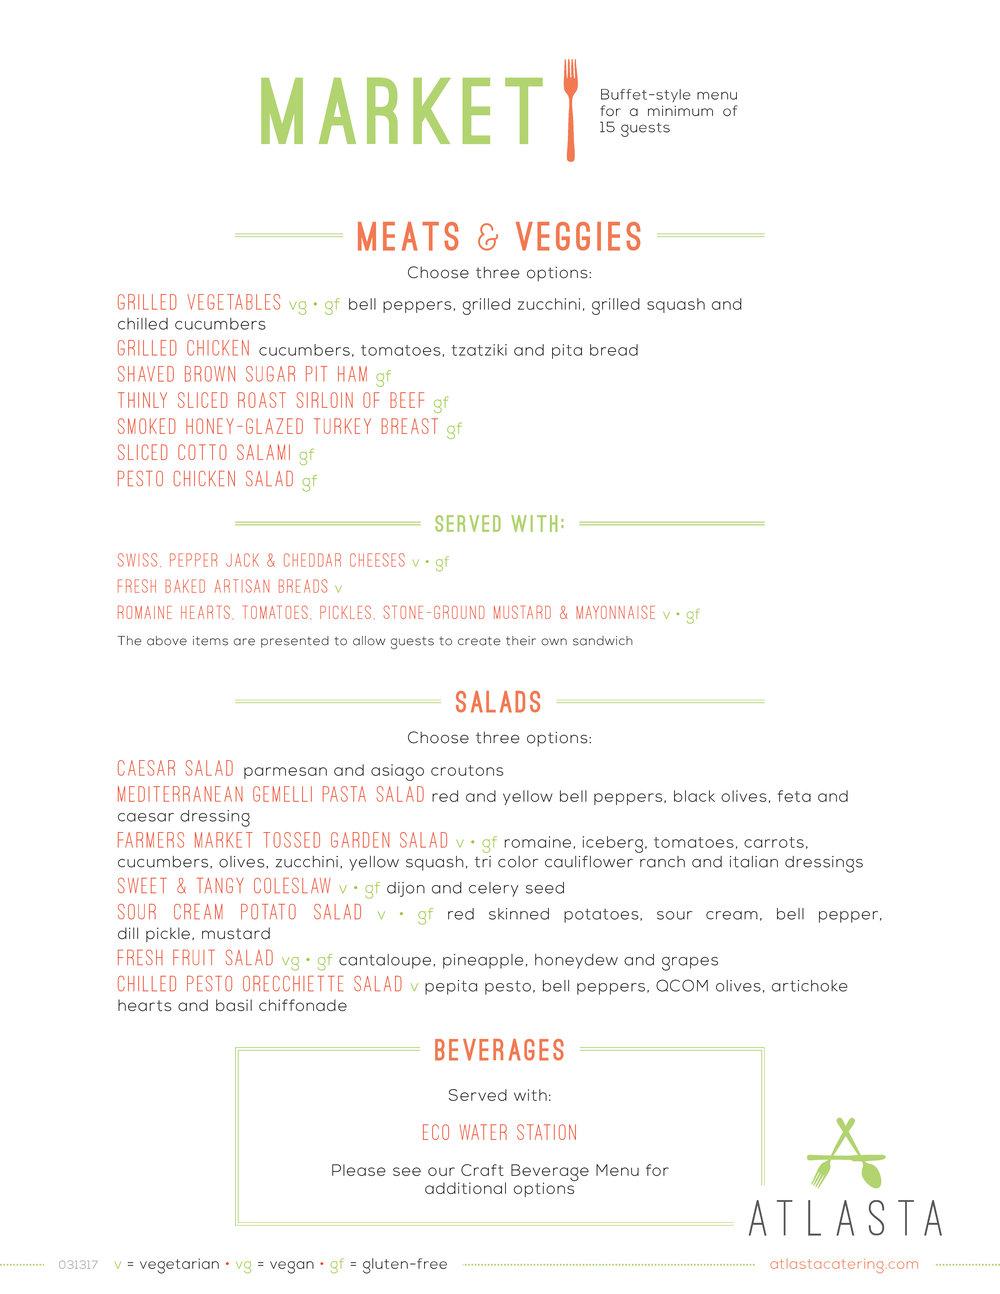 Atlasta Catering - Market